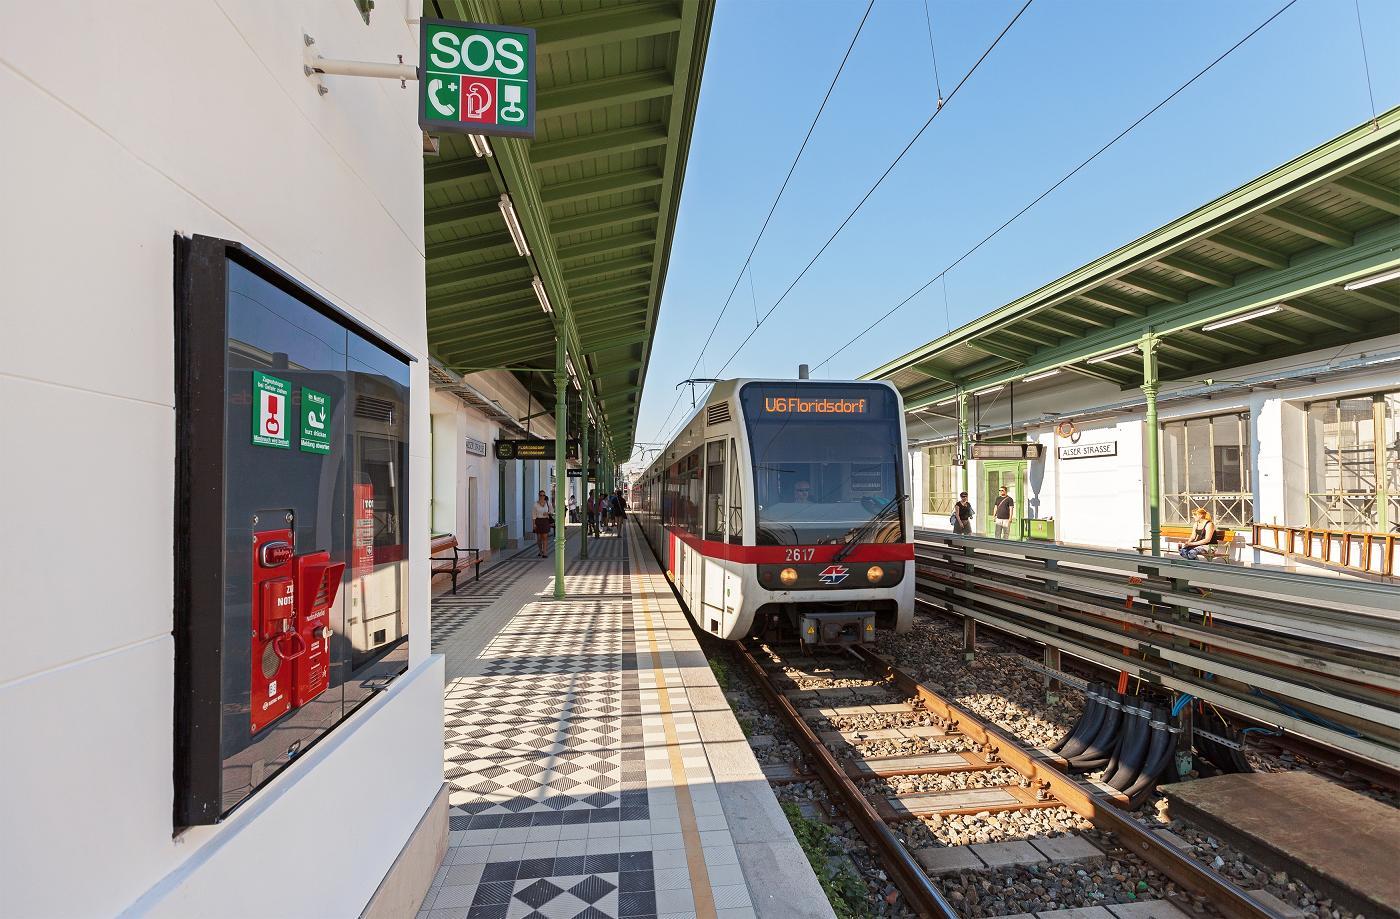 Bečki javni prijevoz dnevno napravi više od 5 krugova oko zemlje